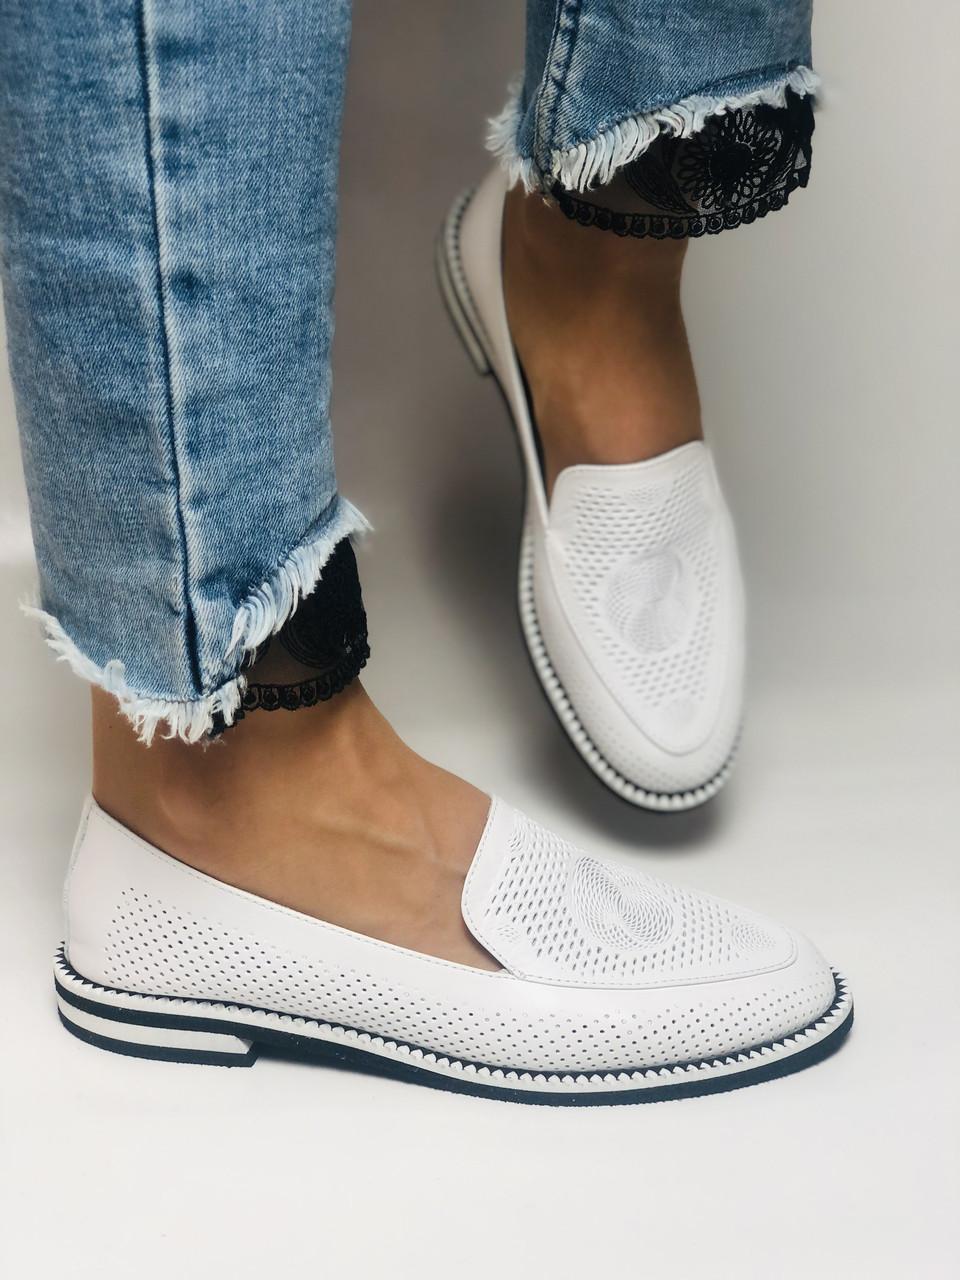 Evromoda. Жіночі літні туфлі-балетки з перфорацією білого кольору. Туреччина. Розмір 36.38.39.40.Vellena